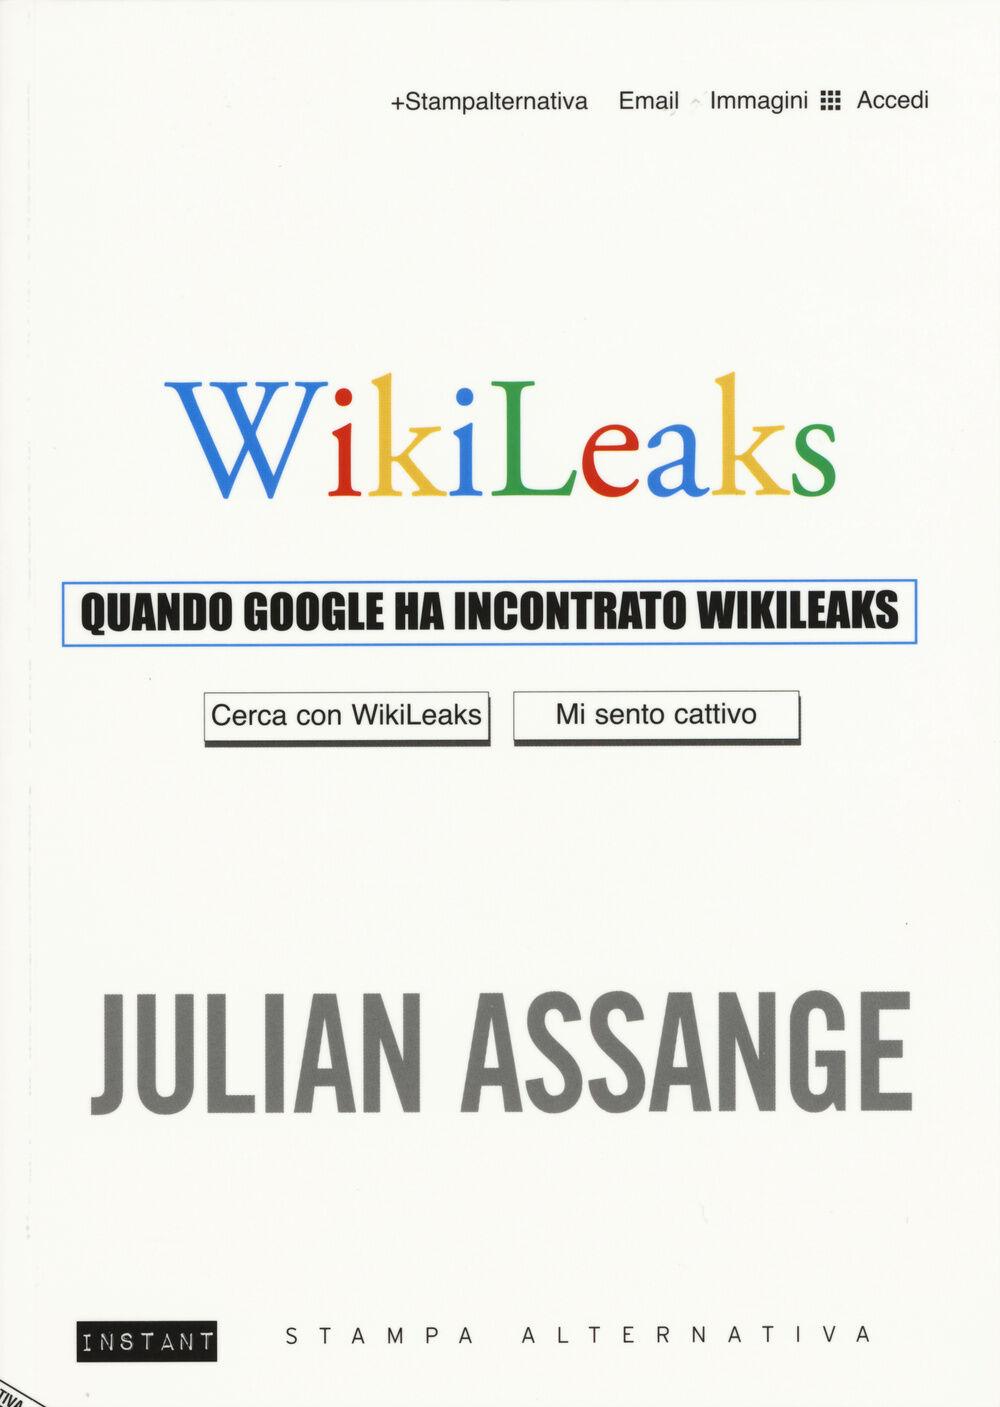 Quando Google ha incontrato Wikileaks